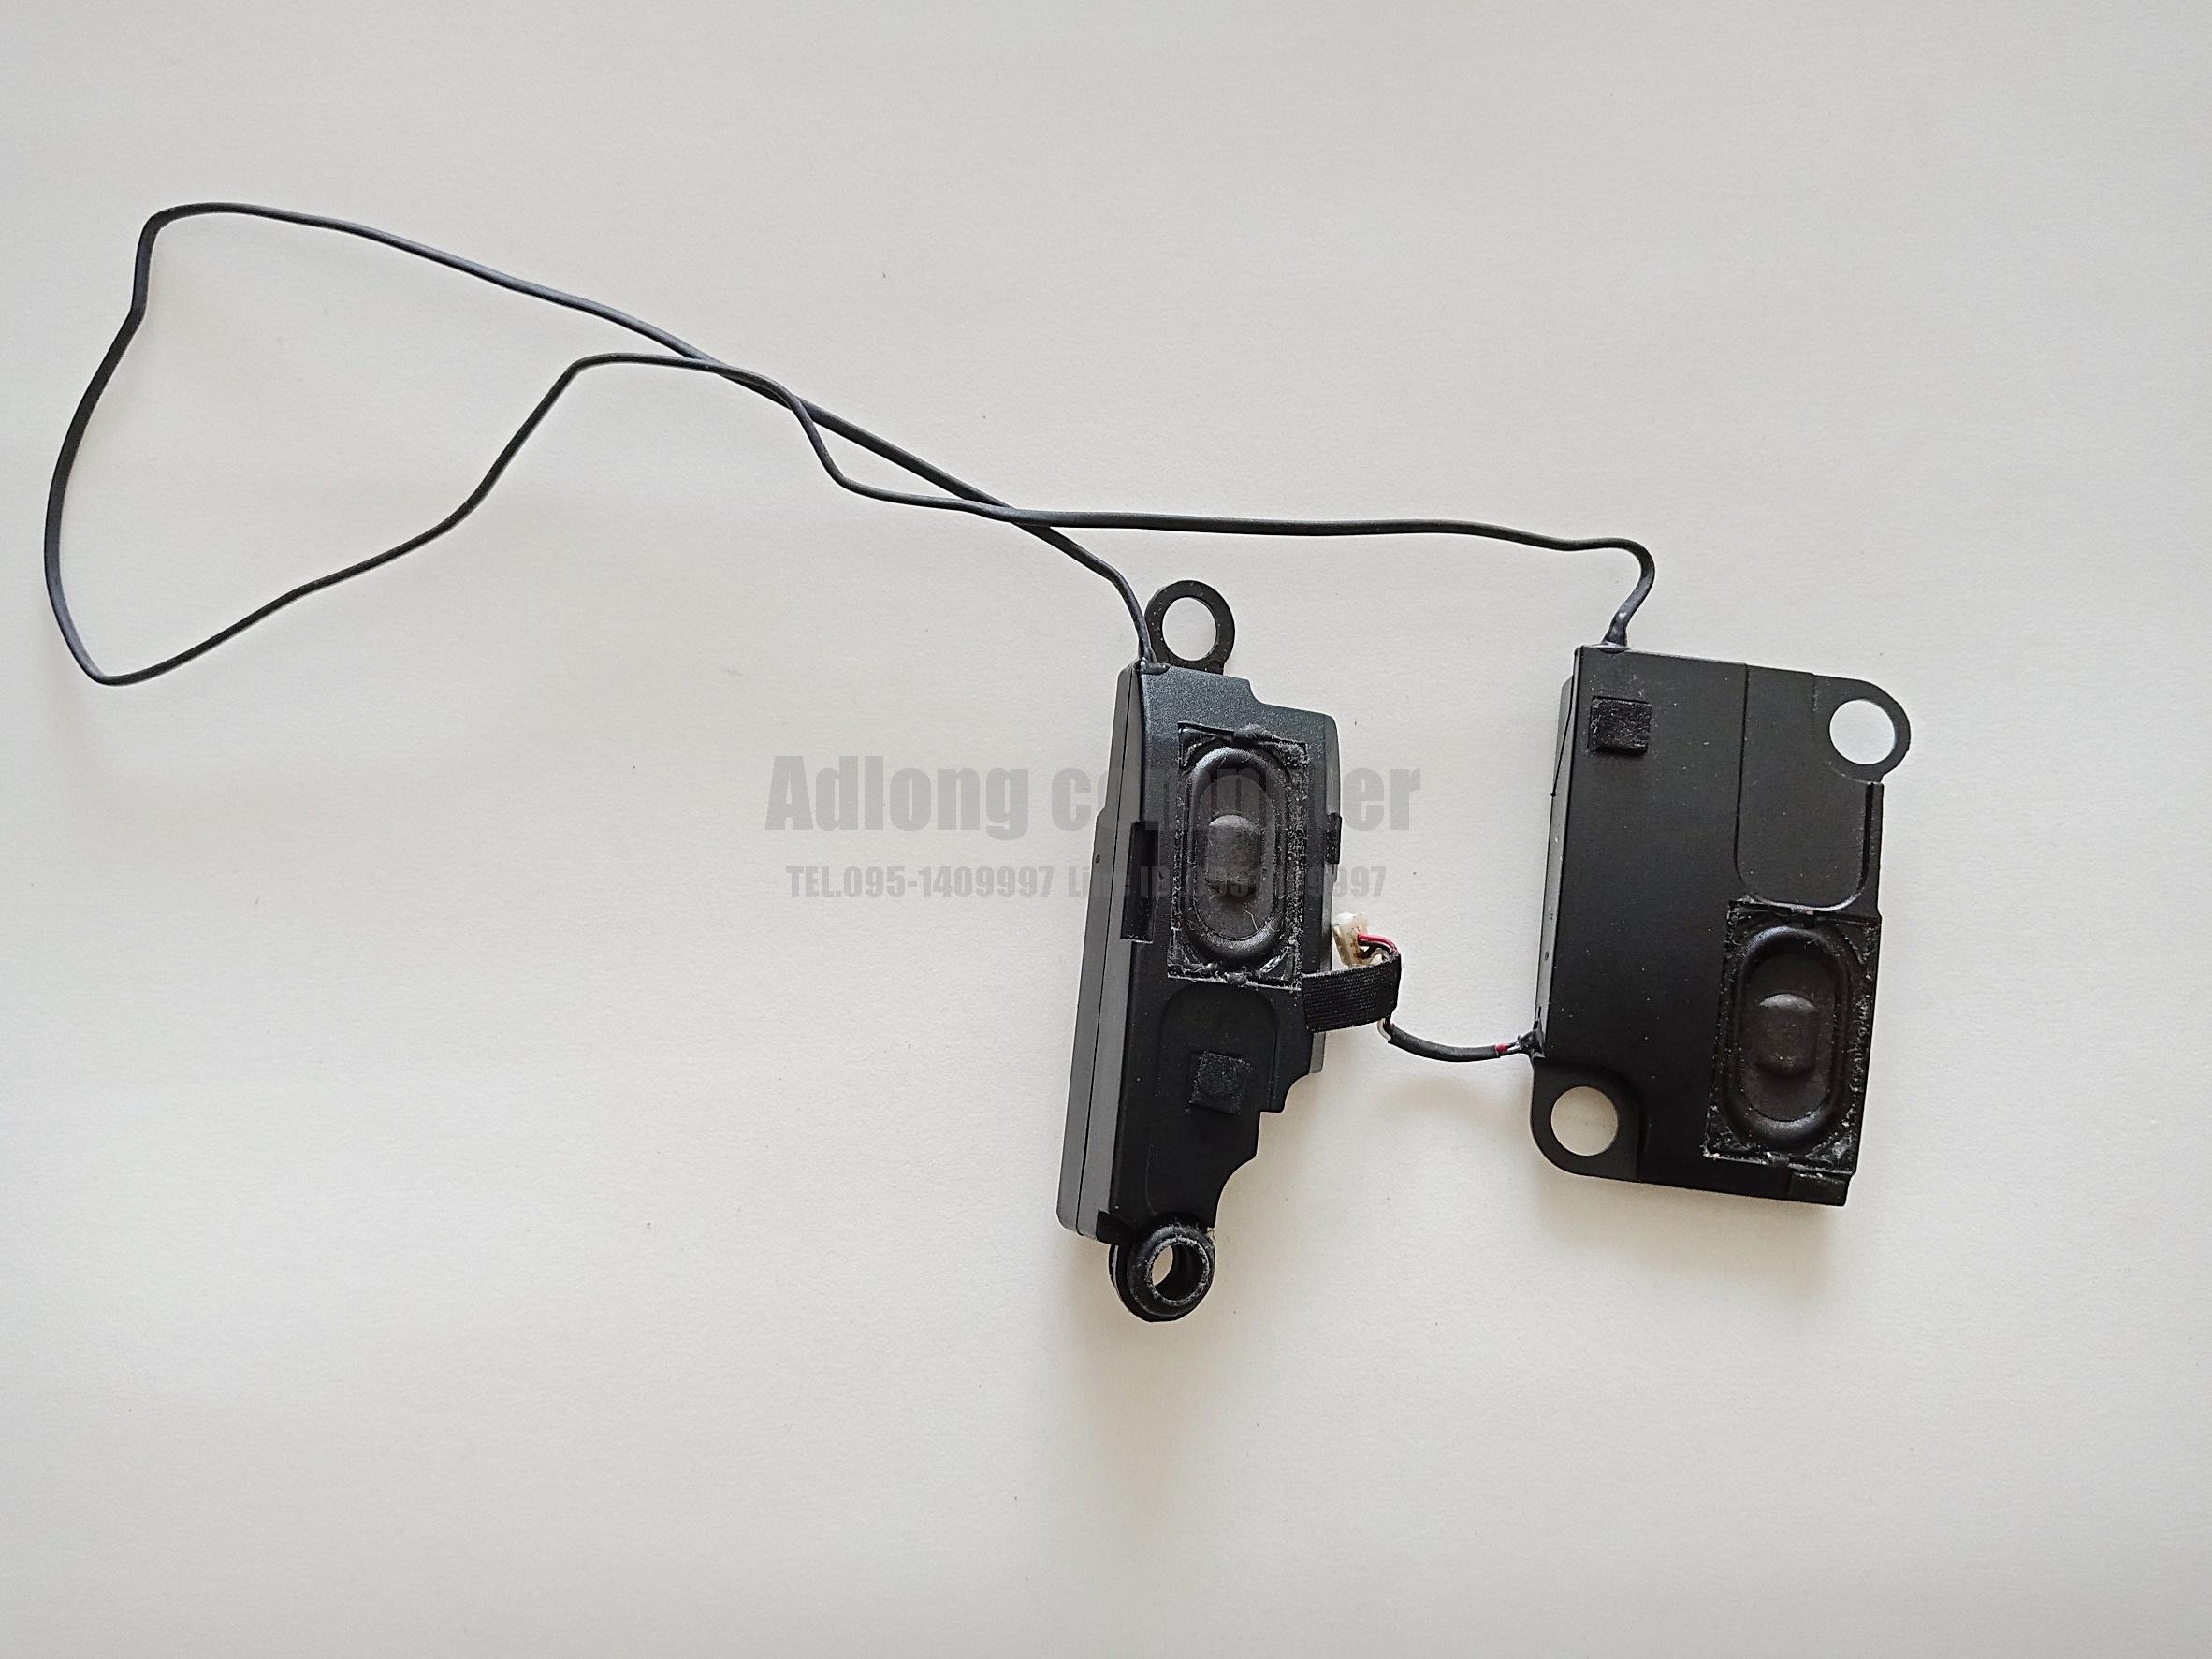 ลำโพง Acer aspire E1-431